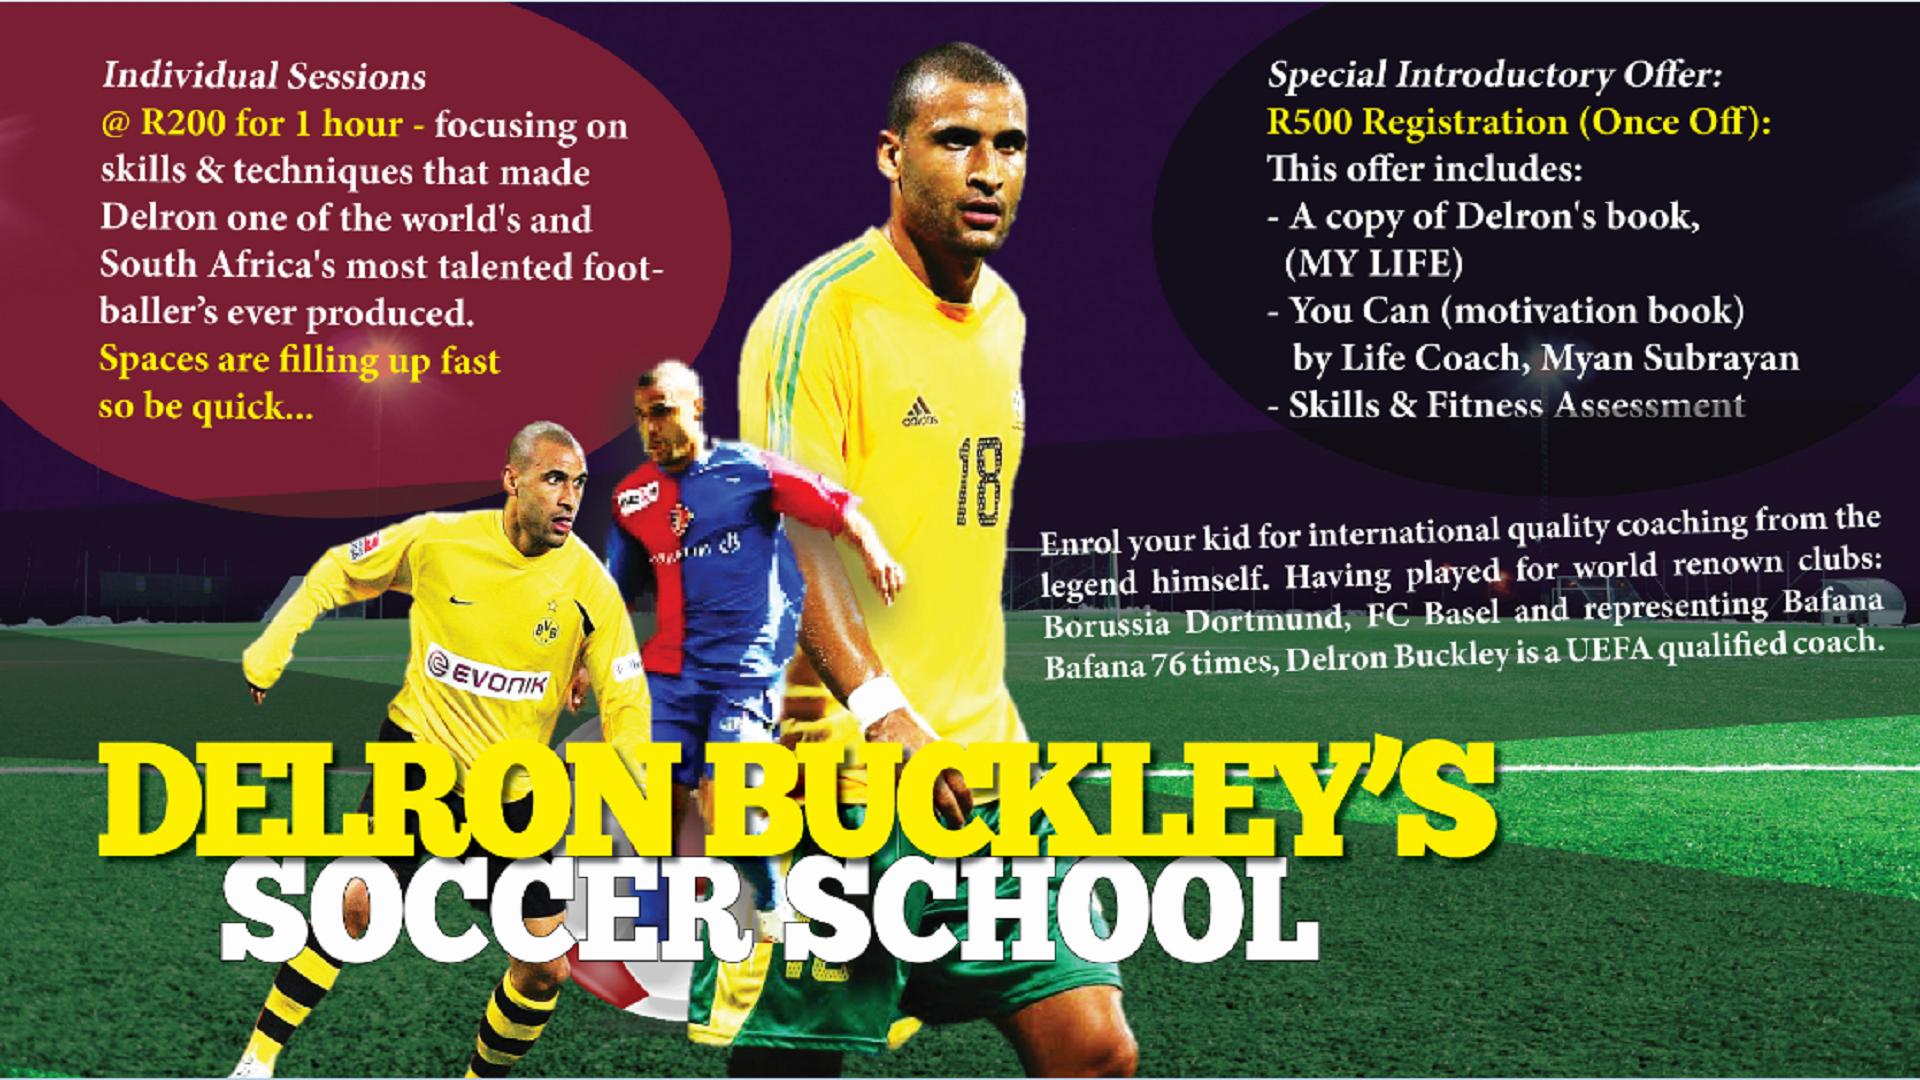 Delron Buckley soccer school